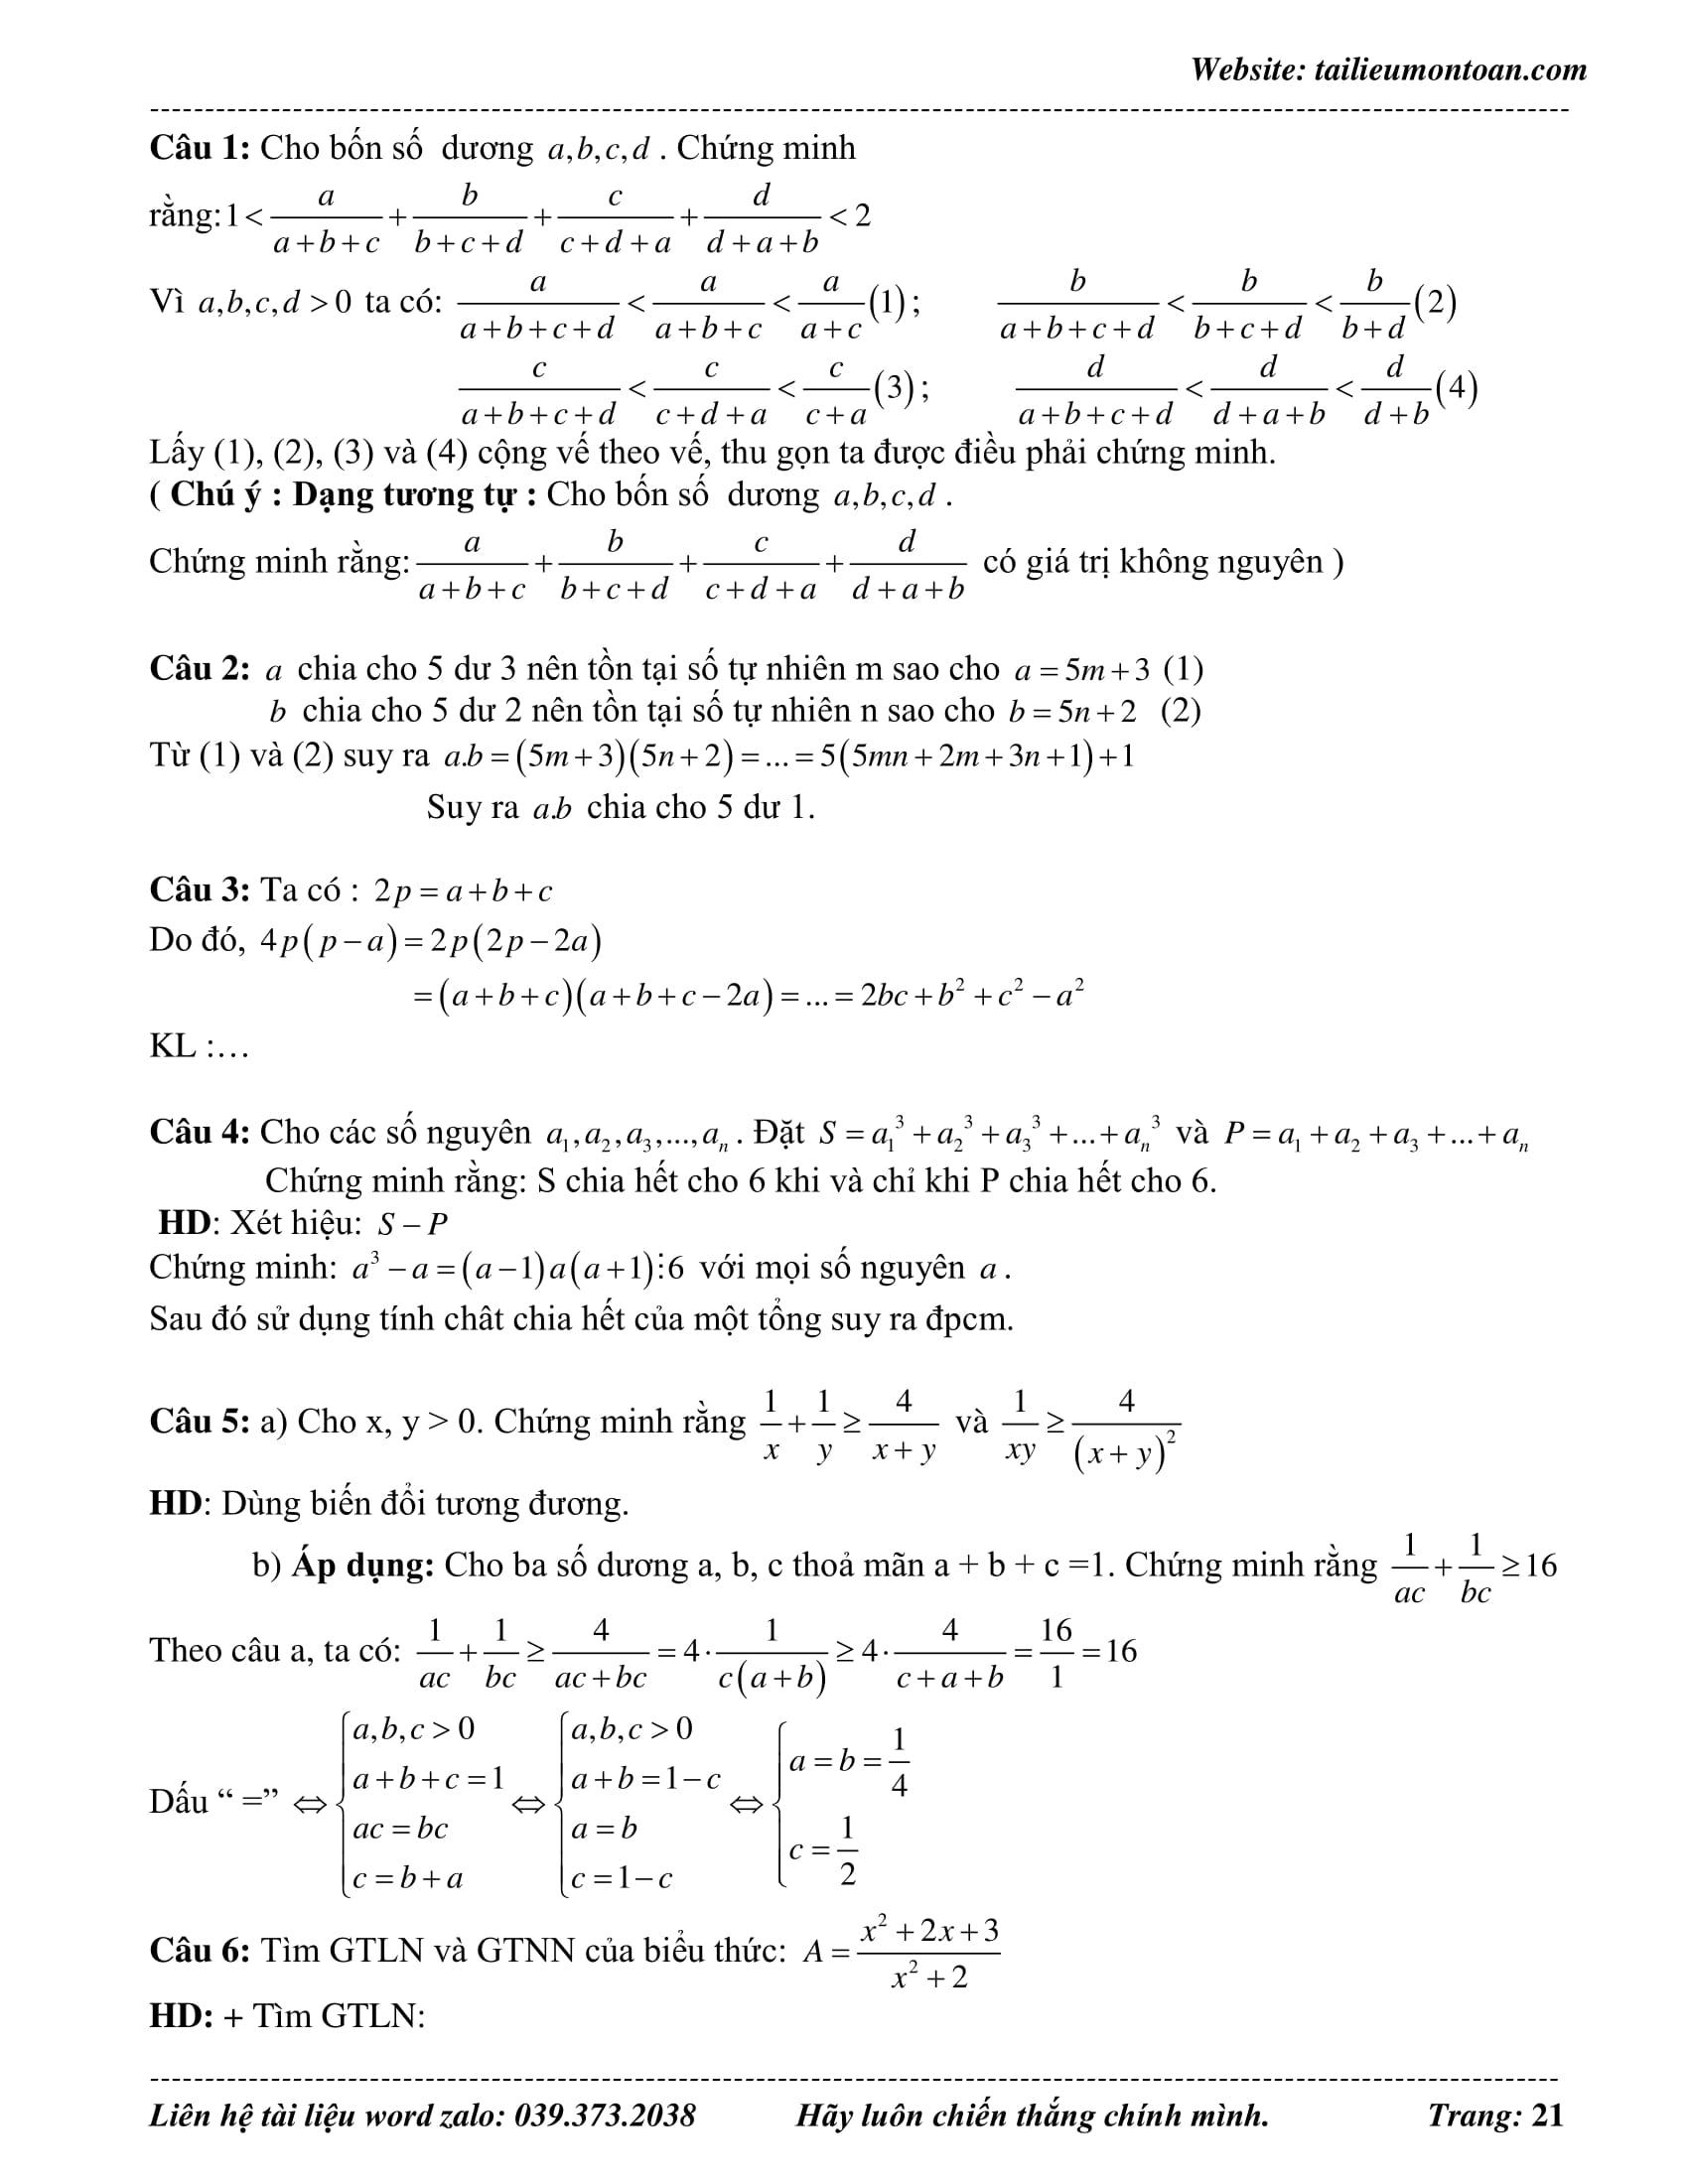 Đề thi HSG toán 8 năm 2019 - 2020 phần 2